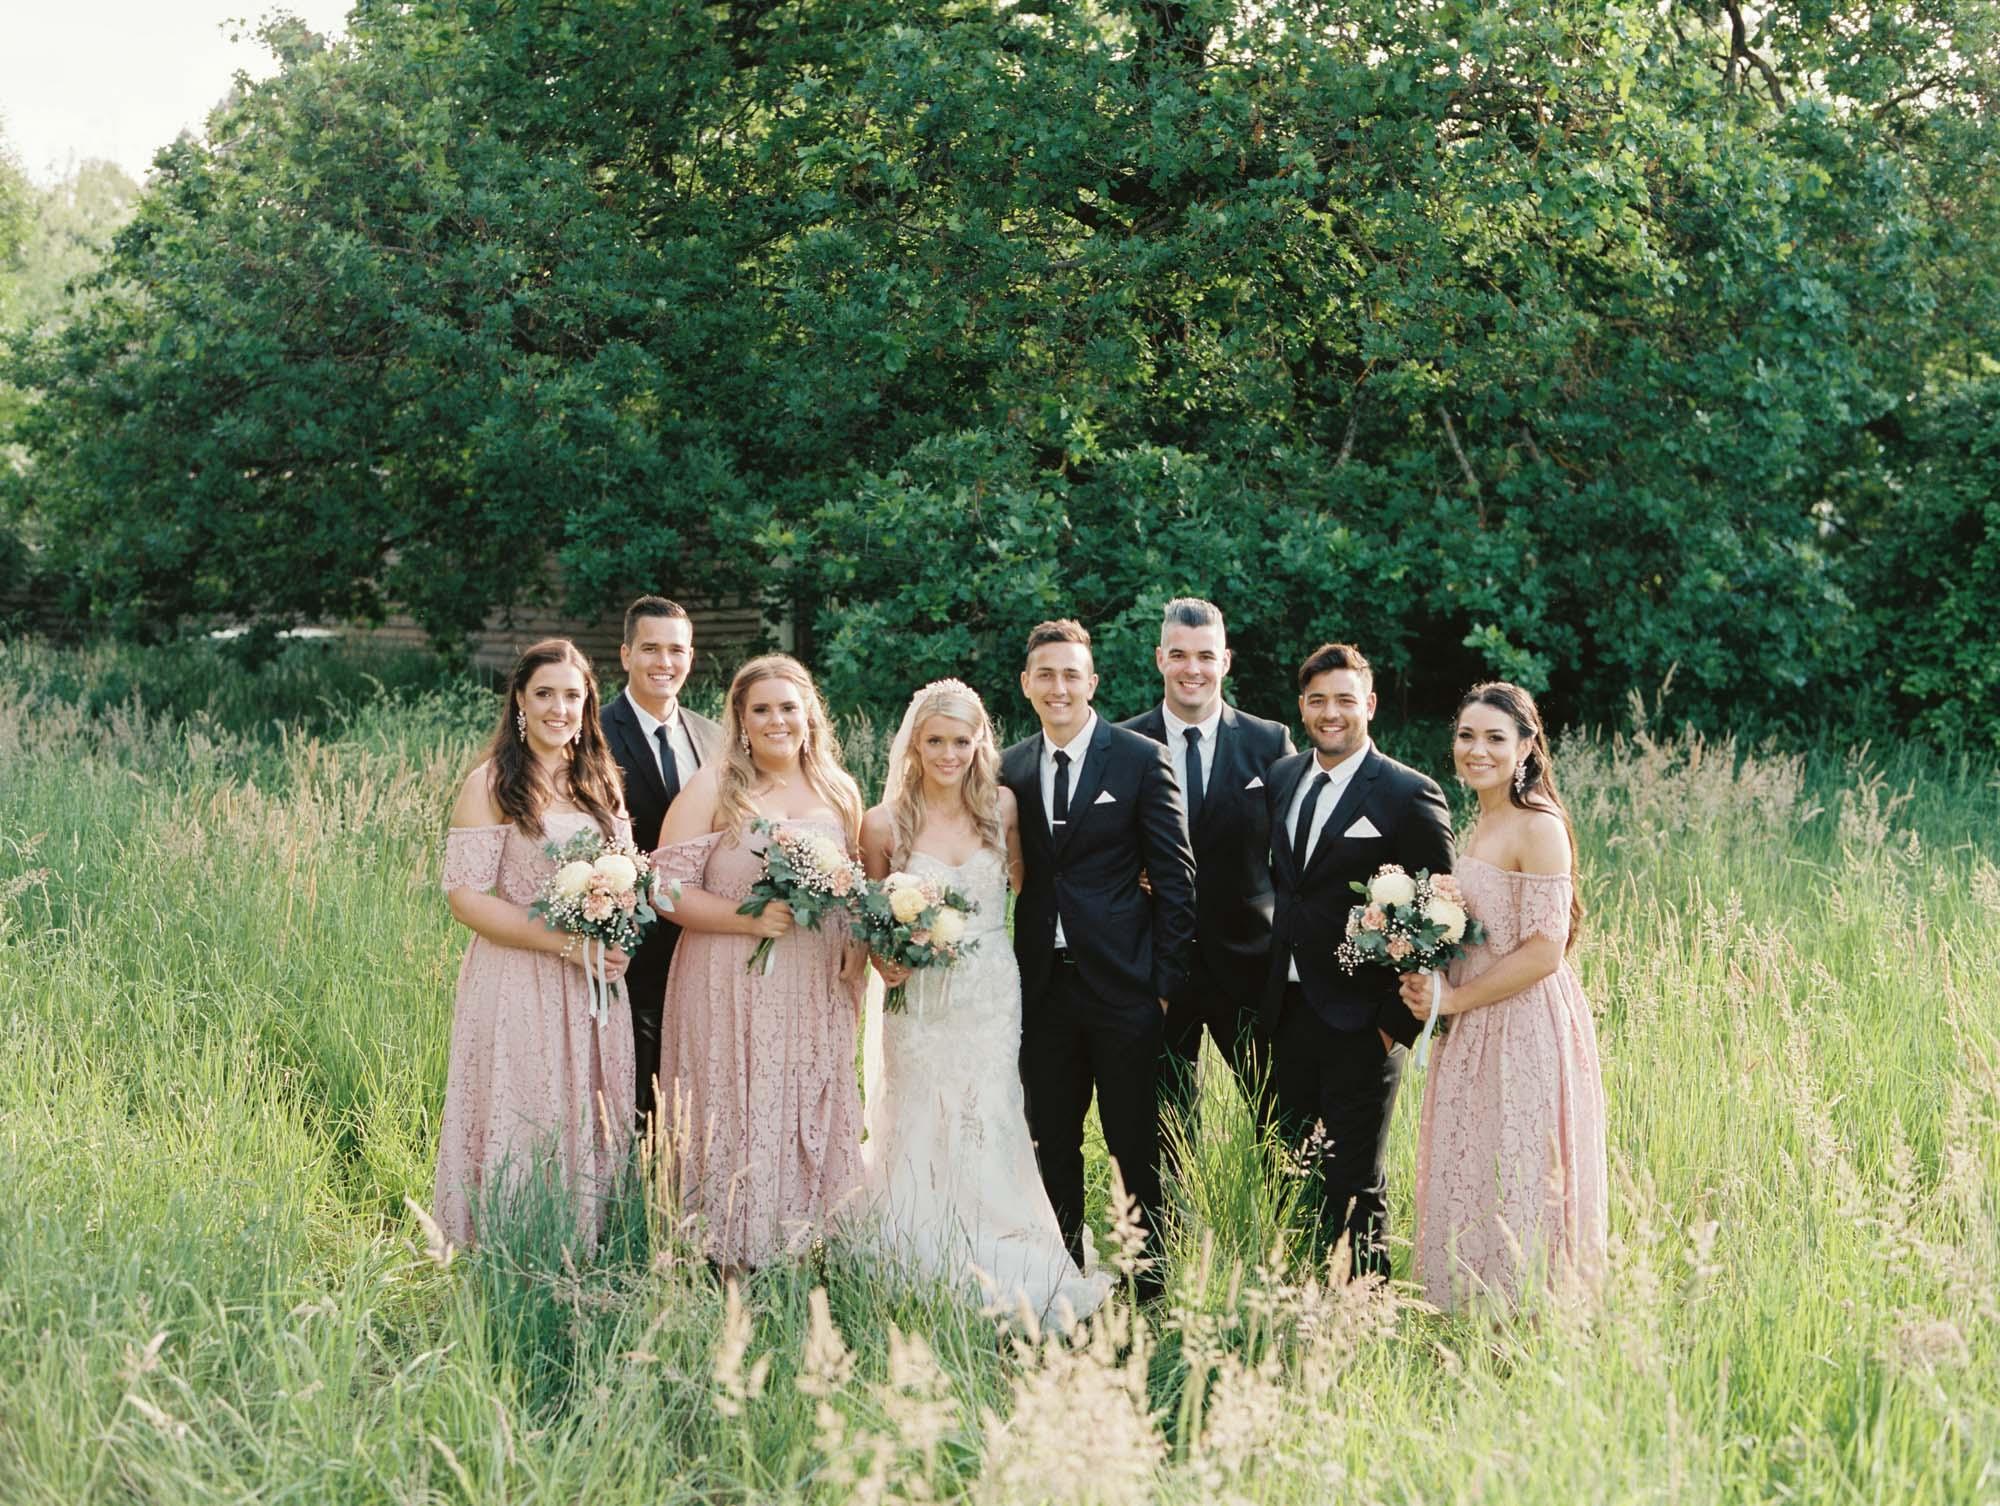 Whitehouse-hahndorf-wedding-photography-075.jpg